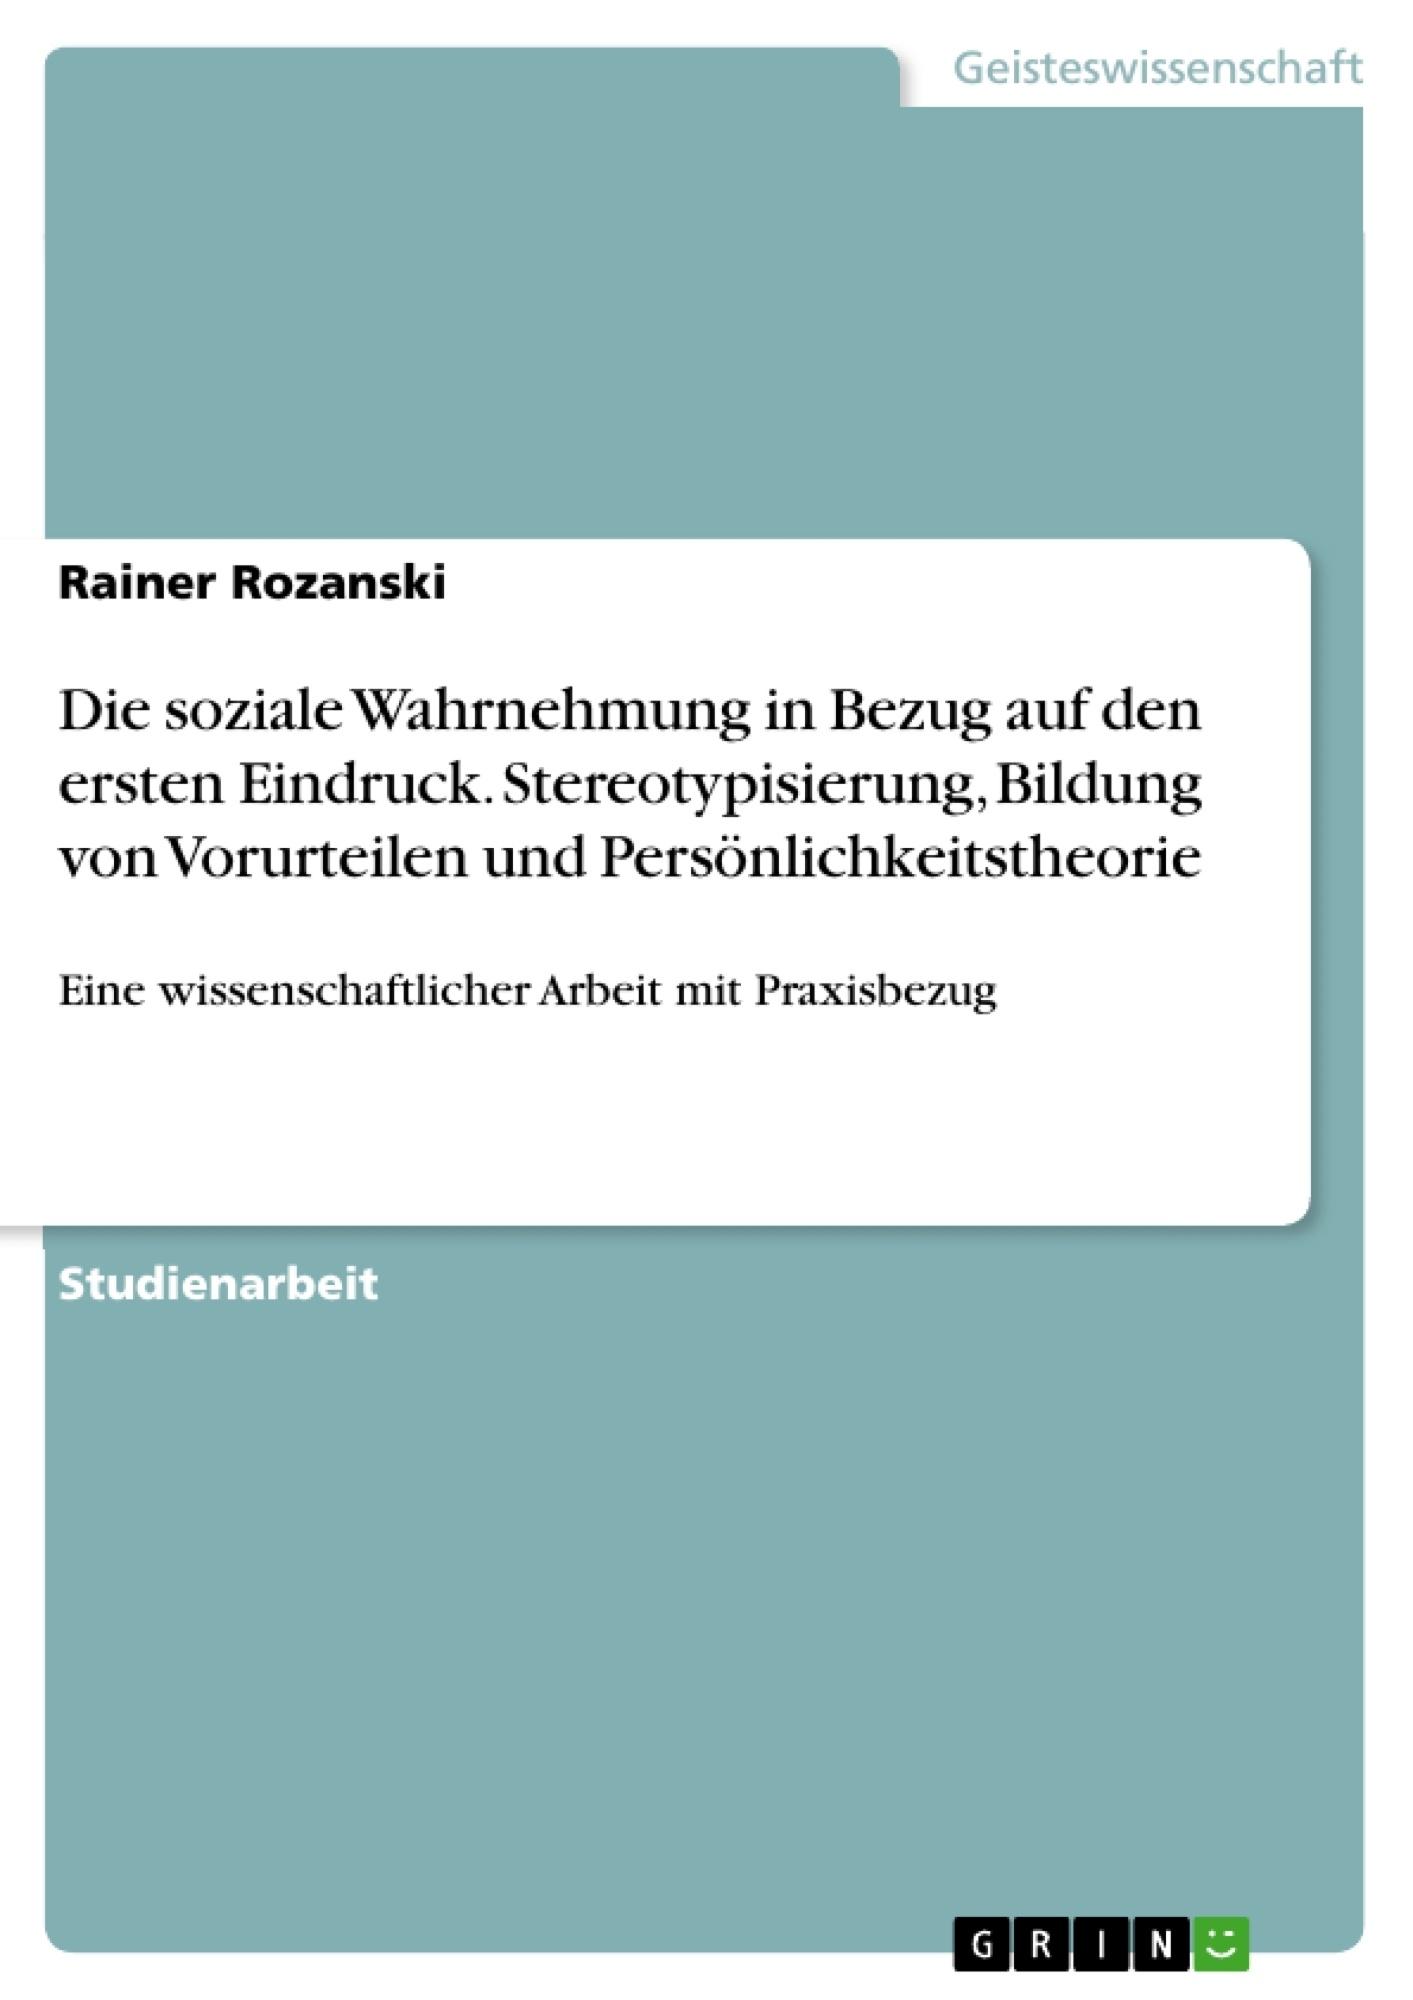 Titel: Die soziale Wahrnehmung in Bezug auf den ersten Eindruck. Stereotypisierung, Bildung von Vorurteilen und Persönlichkeitstheorie